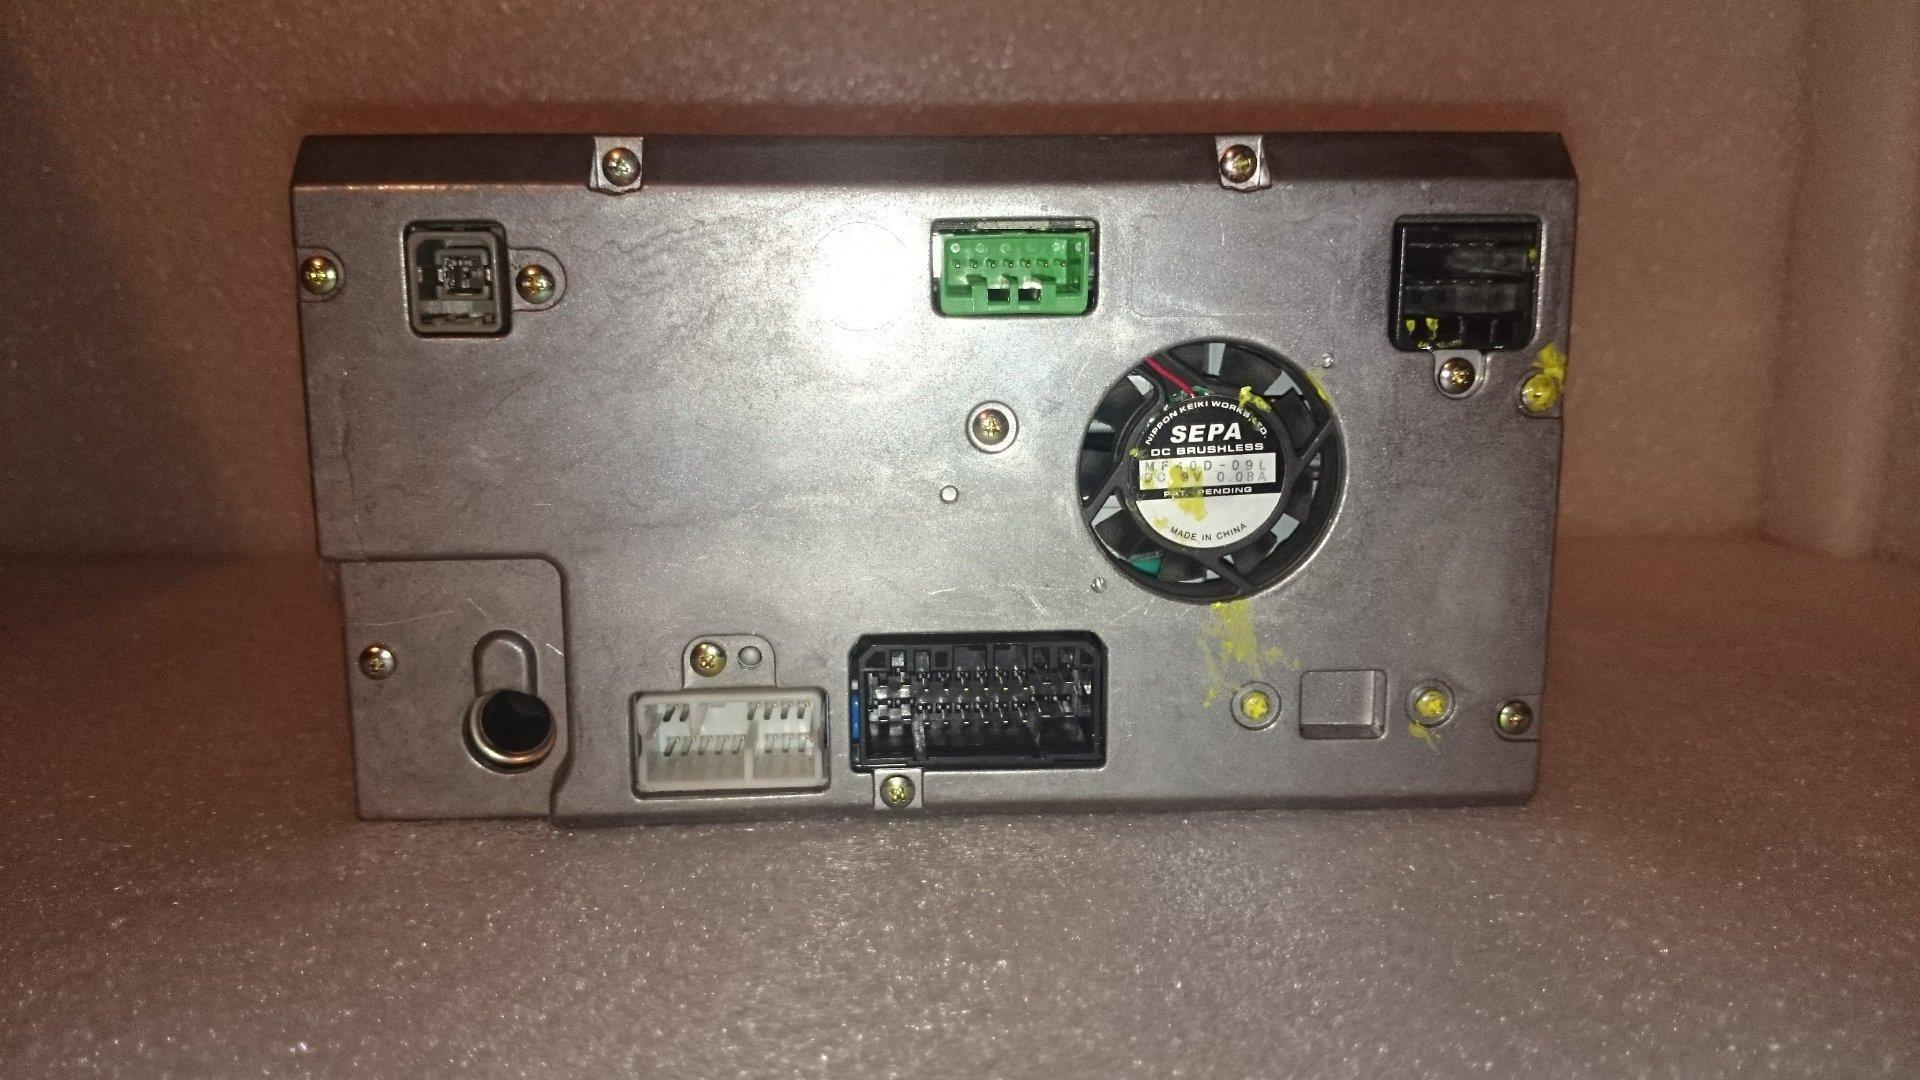 [Kupi�]Honda CRV II - Gdzie dostan� takie kostki do Radia / Nawigacji ?